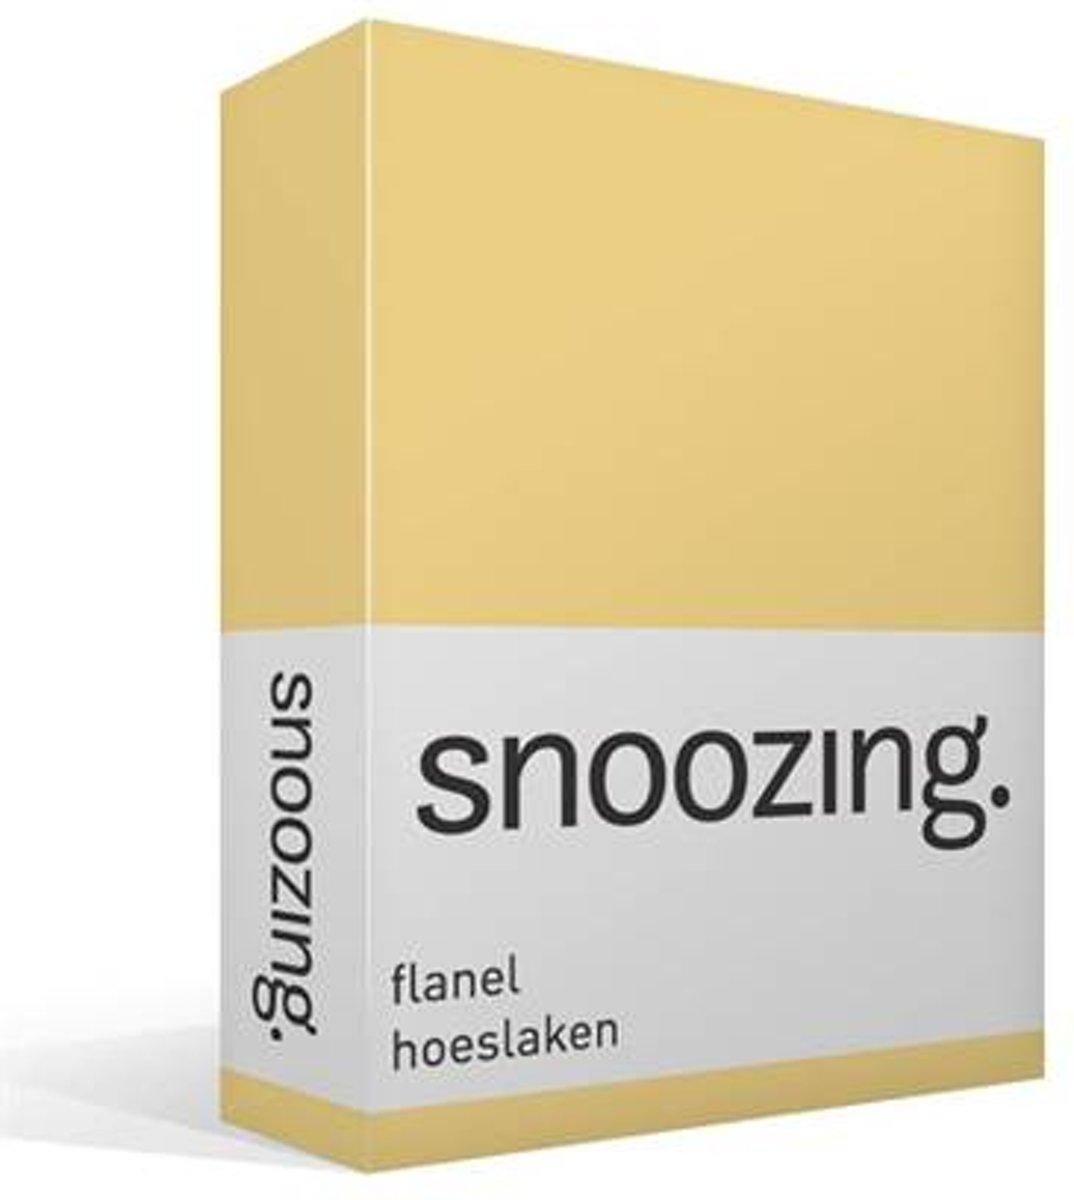 Snoozing - Flanel - Hoeslaken - Eenpersoons - 80/90x200 cm - Geel kopen